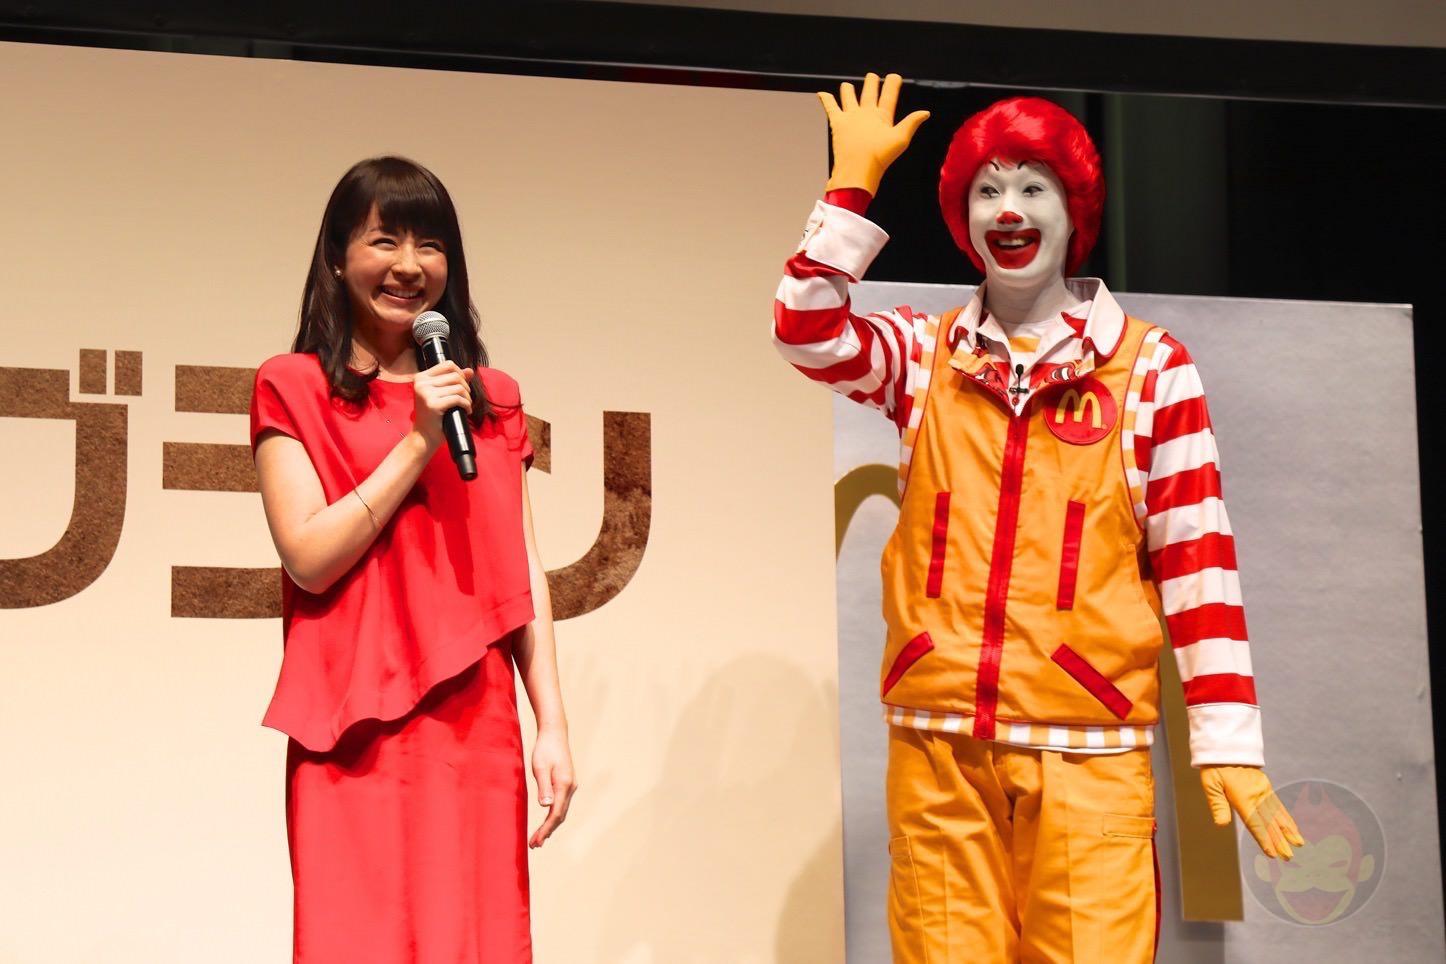 McDonalds-New-Japanese-Menu-Gran-Burgers-04.jpg